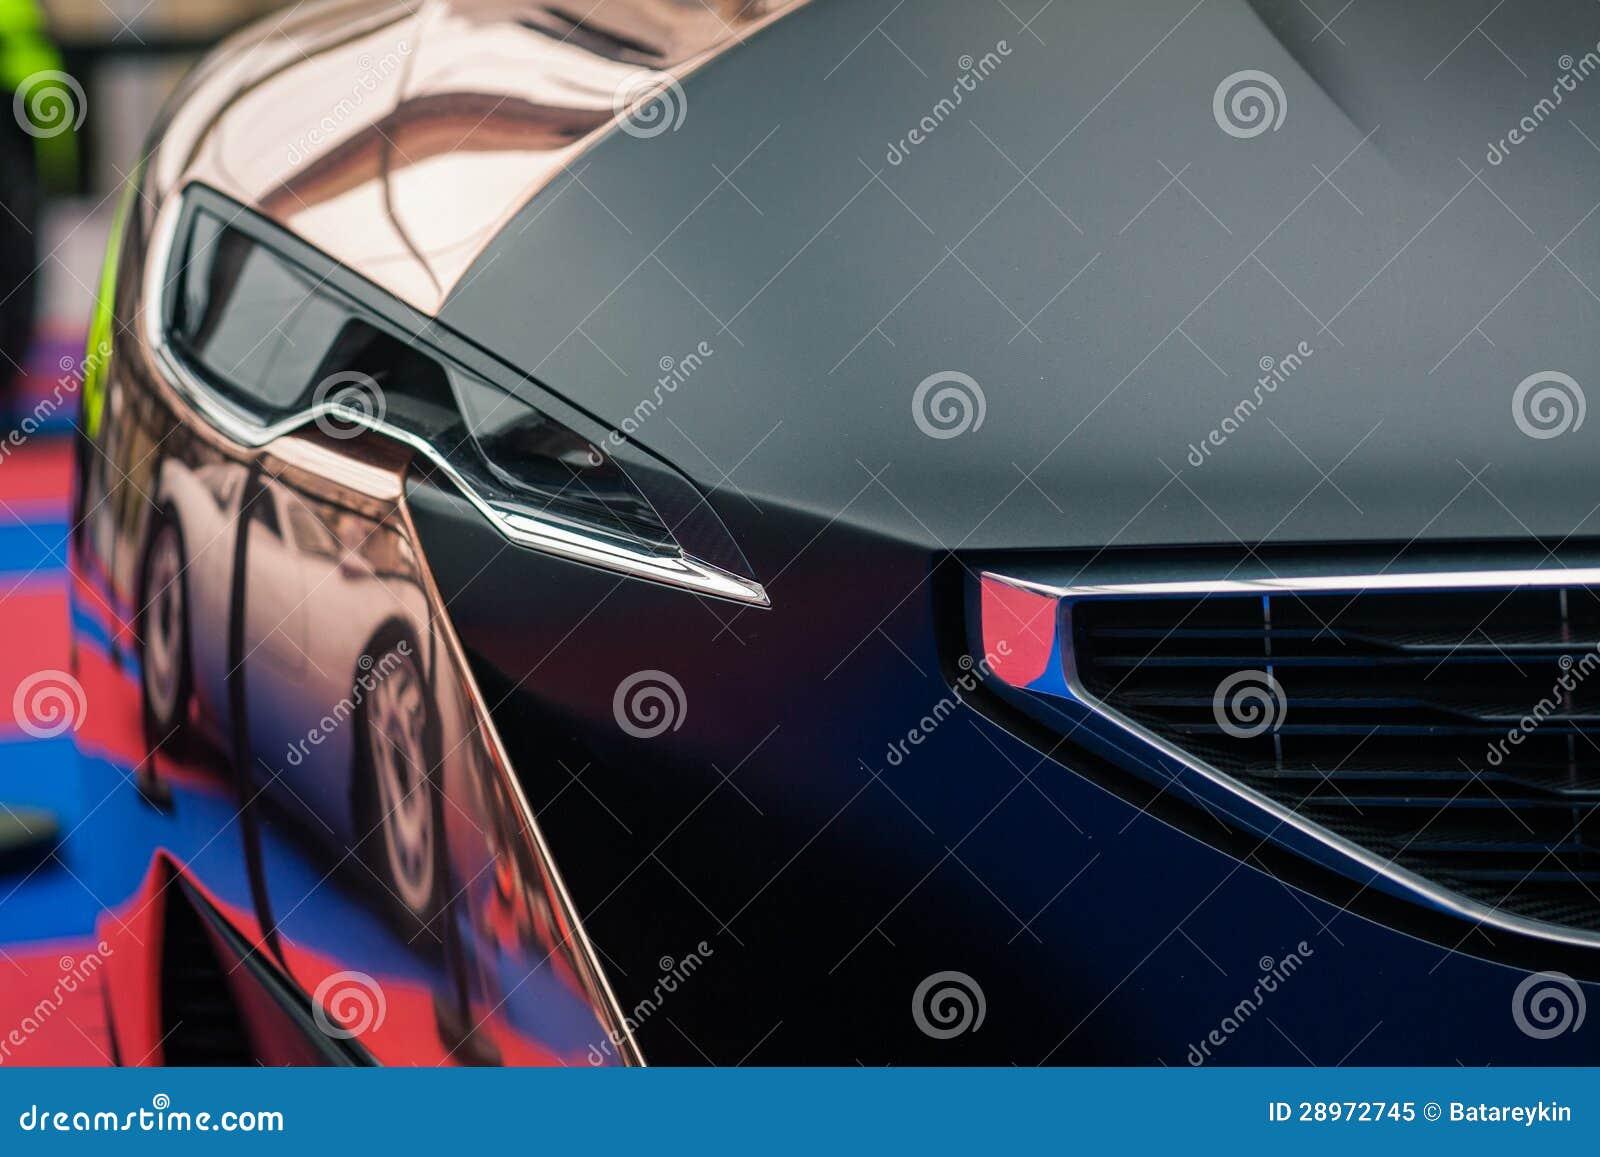 Pojęcia Peugeot samochodowy onyks